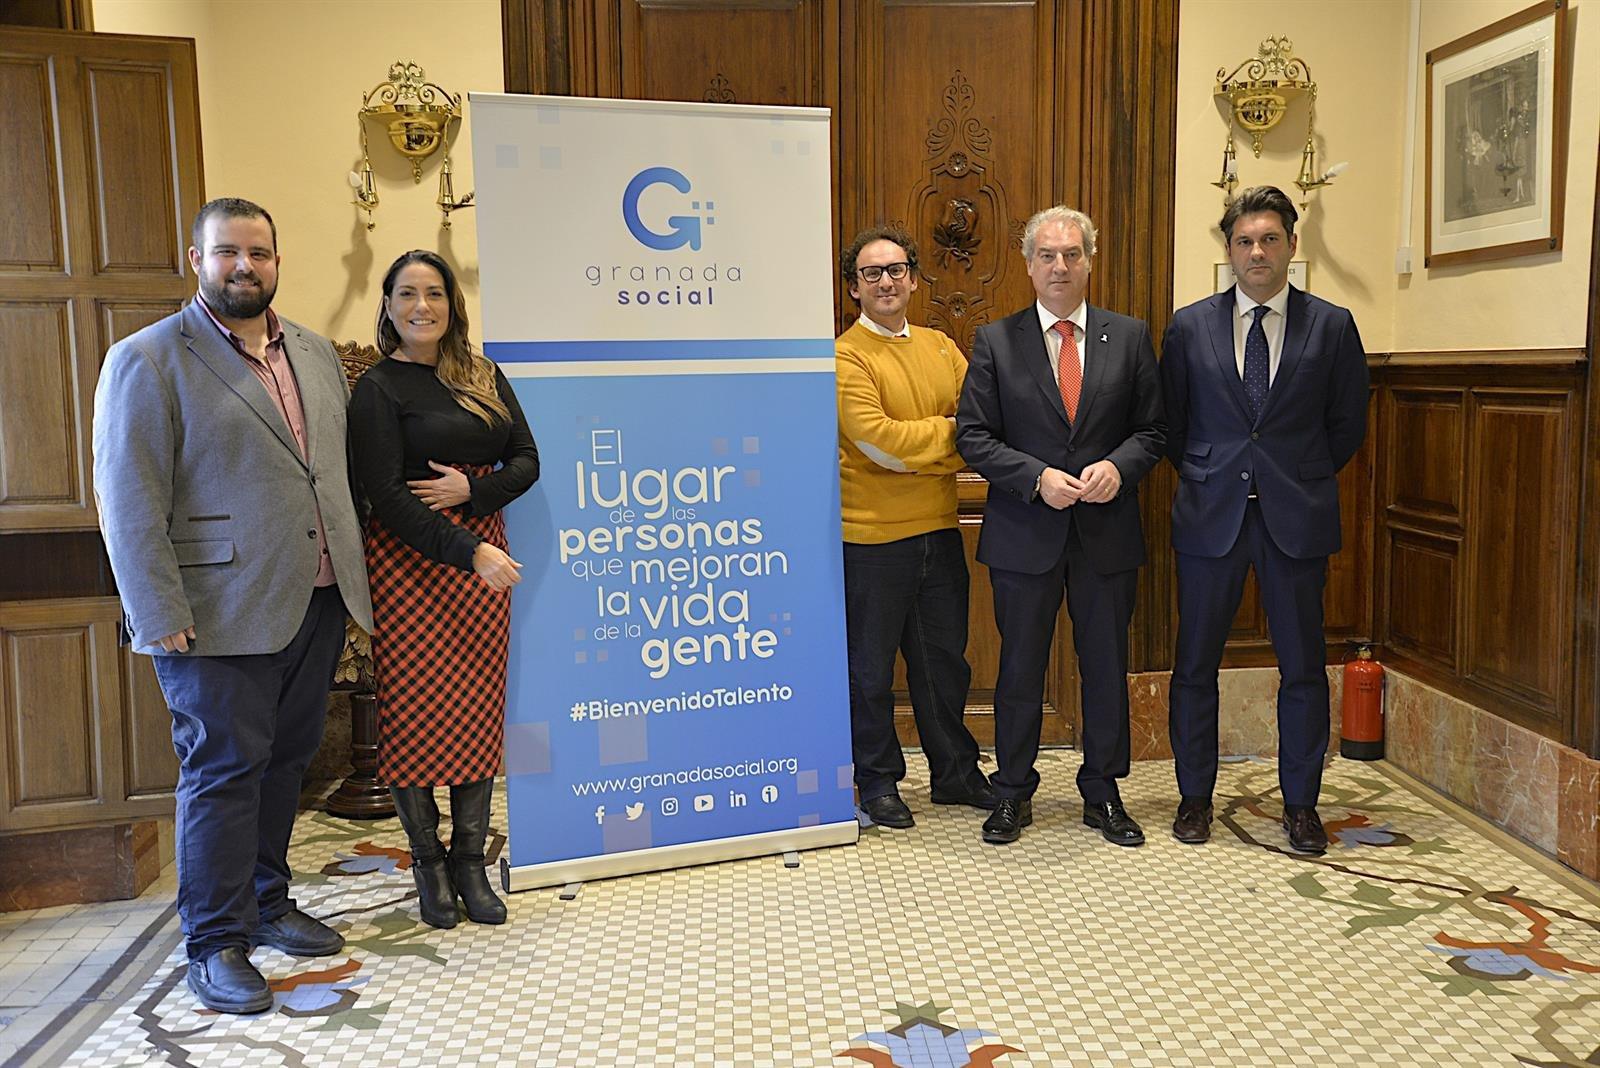 Nace la plataforma 'Granada Social' para visibilizar las acciones sociales en la transformación de la ciudad